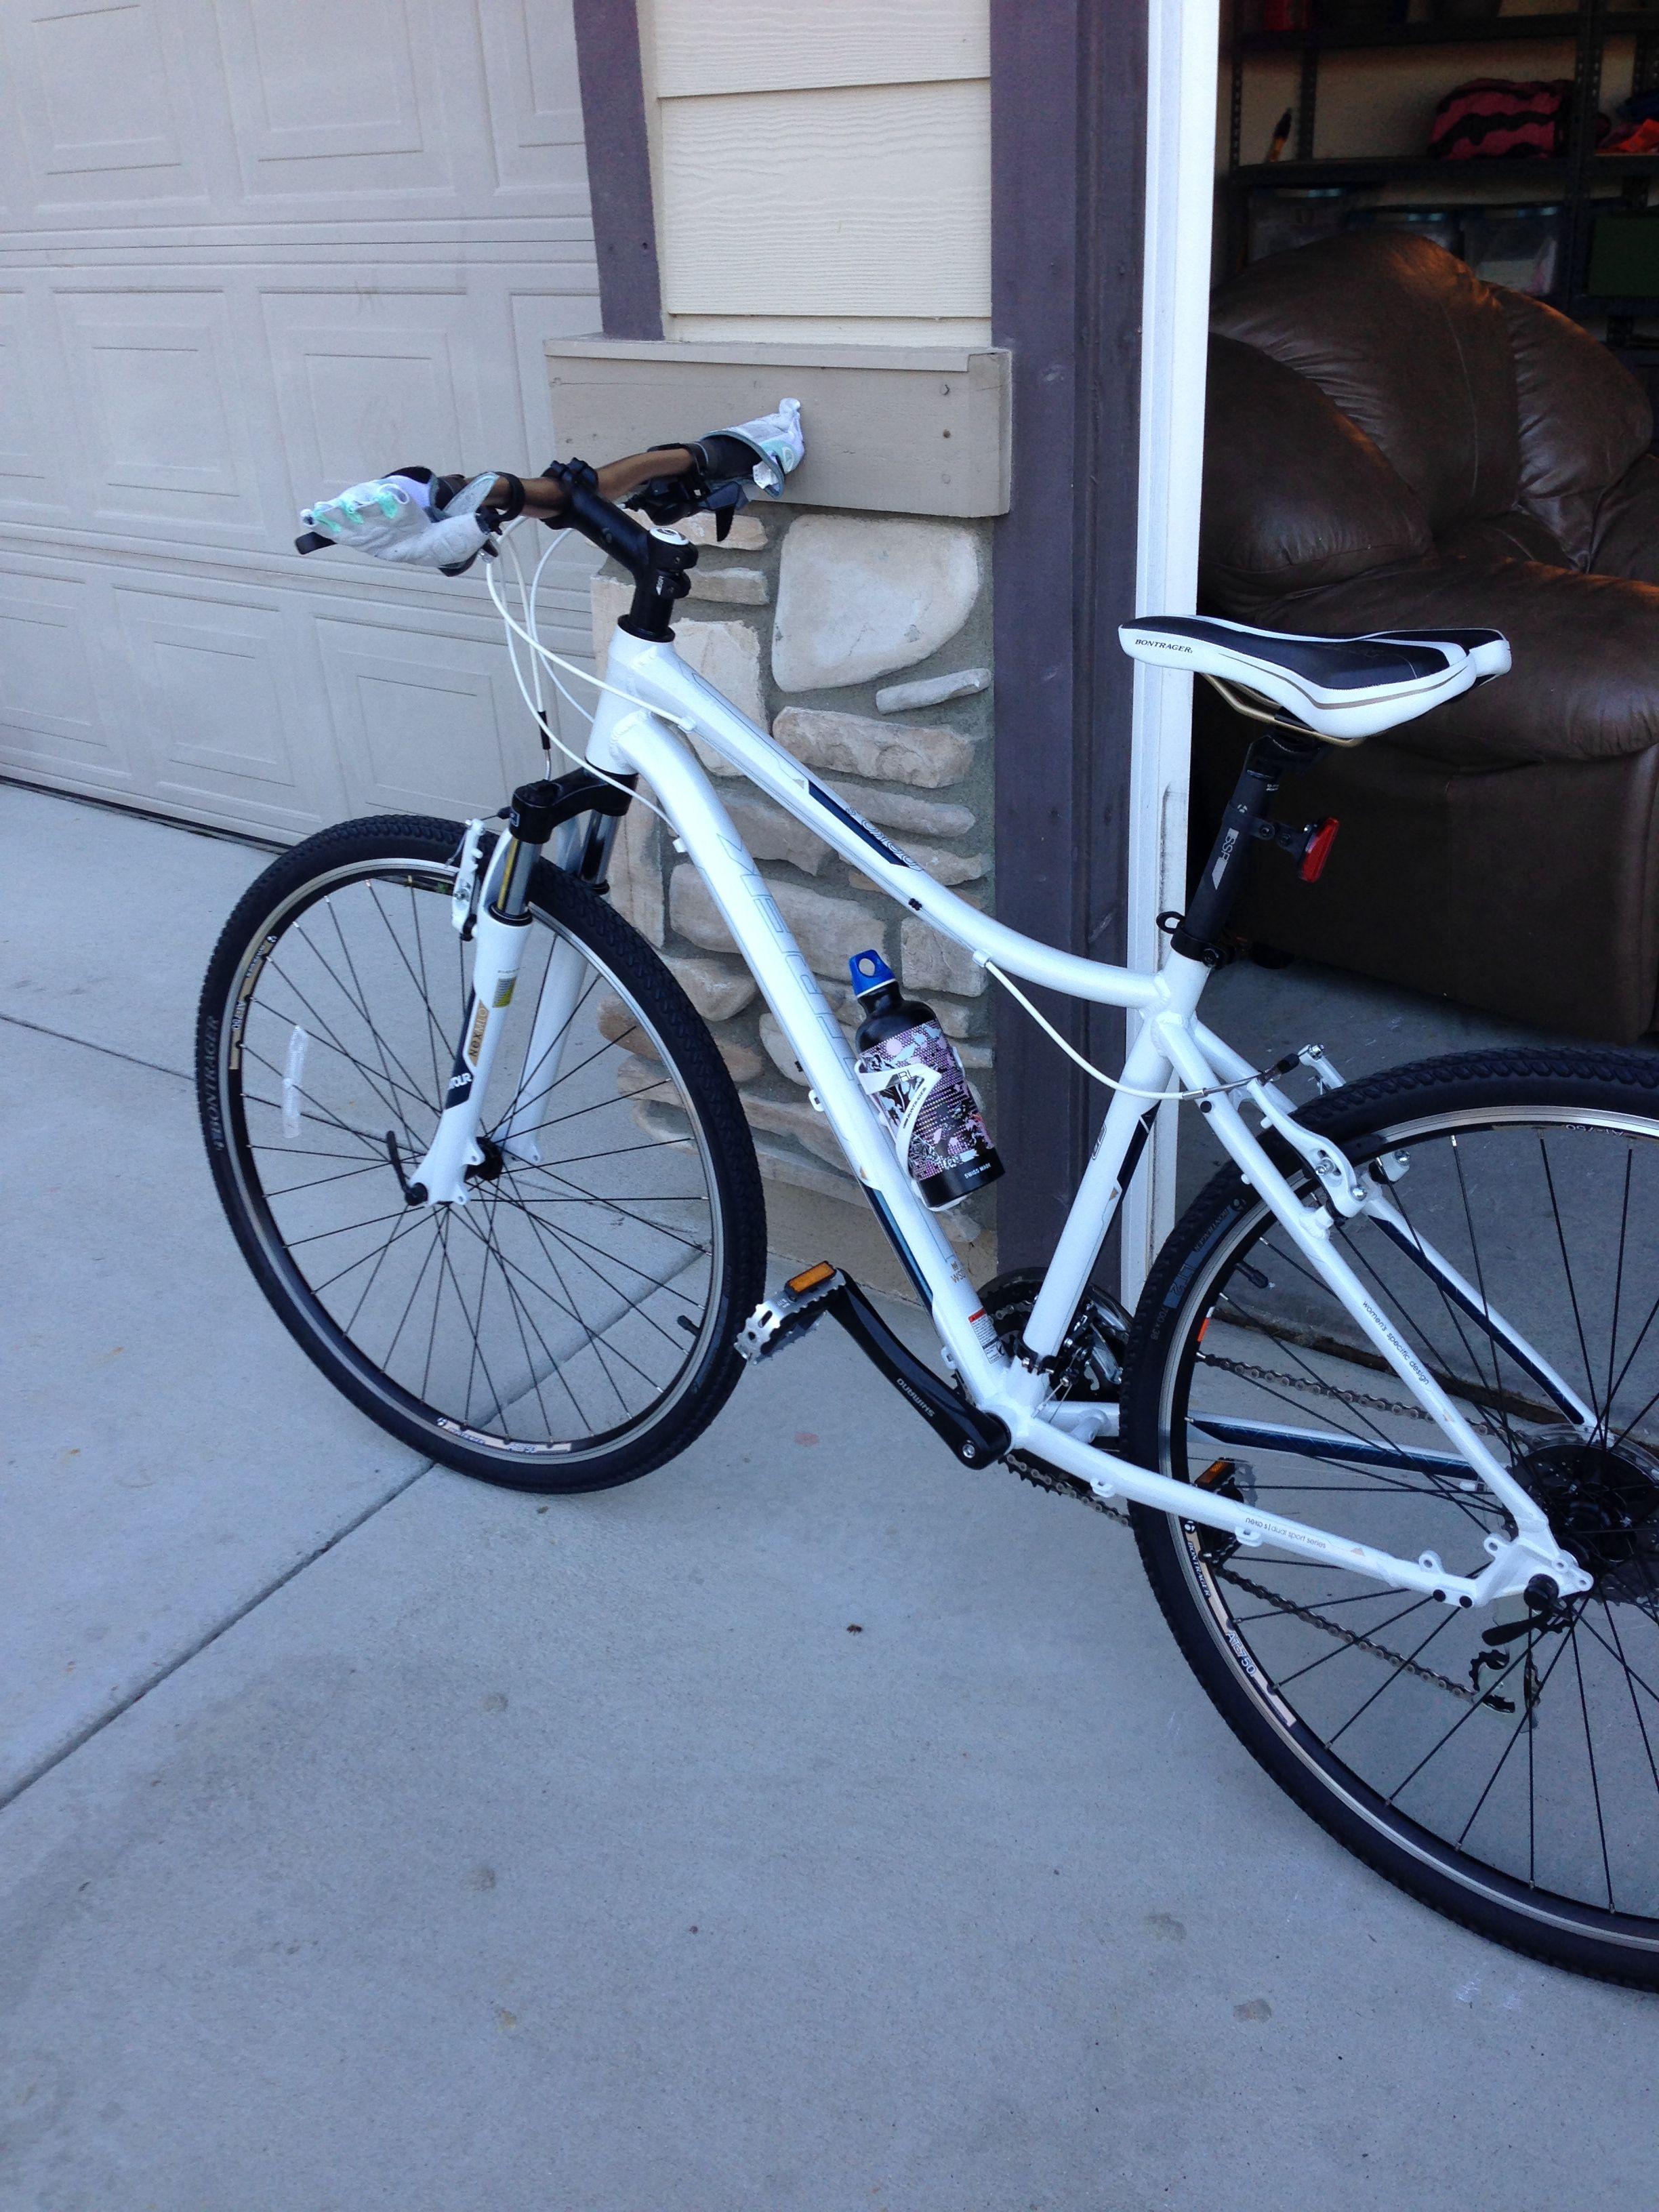 Trek Bicycle Superstore Usa S 1 Trek Dealer Trek Bicycle Bicycle Trek Bikes